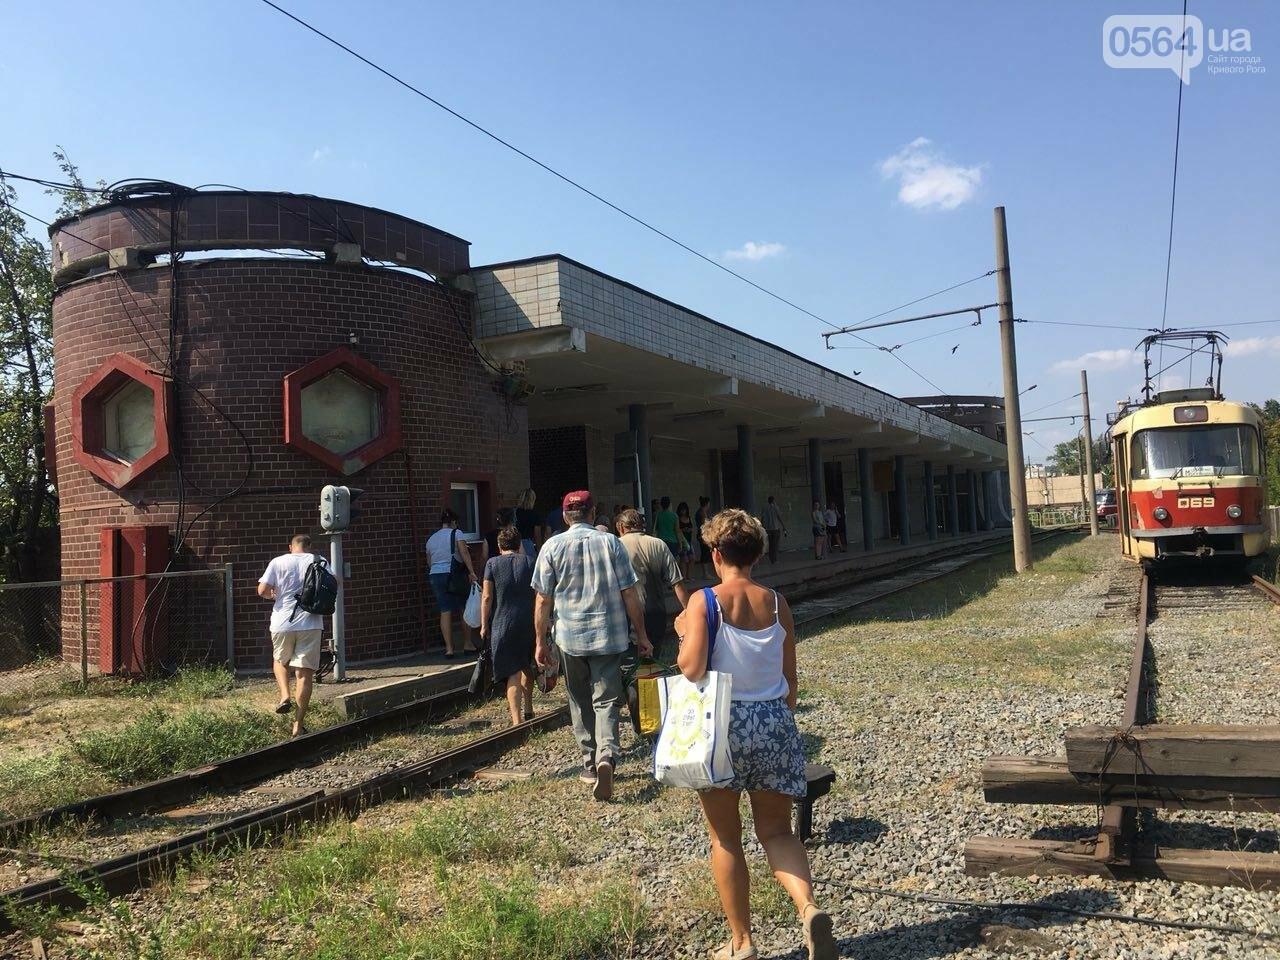 Из-за поломки скоростного трамвая, криворожане шли до ближайшей станции по рельсам, - ФОТО , фото-5